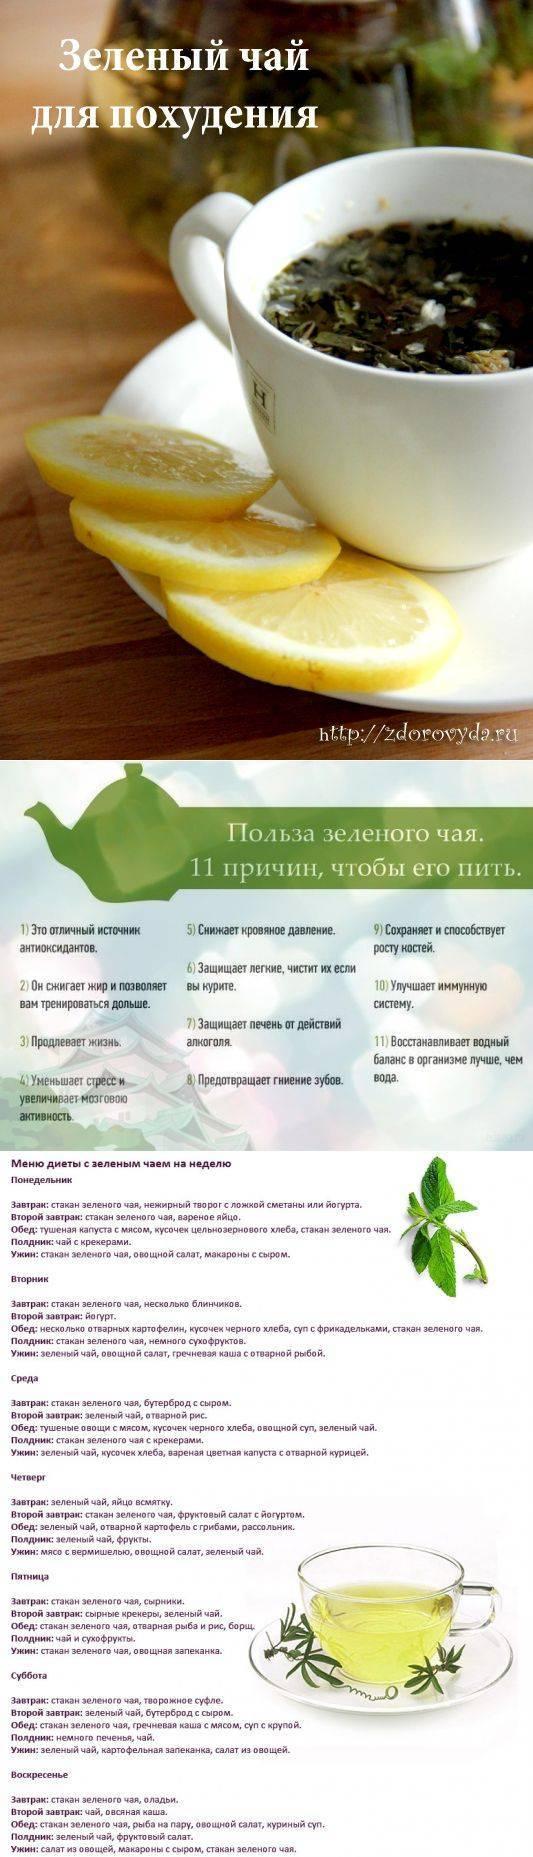 Как заваривать и употреблять зеленый чай с молоком для похудения?